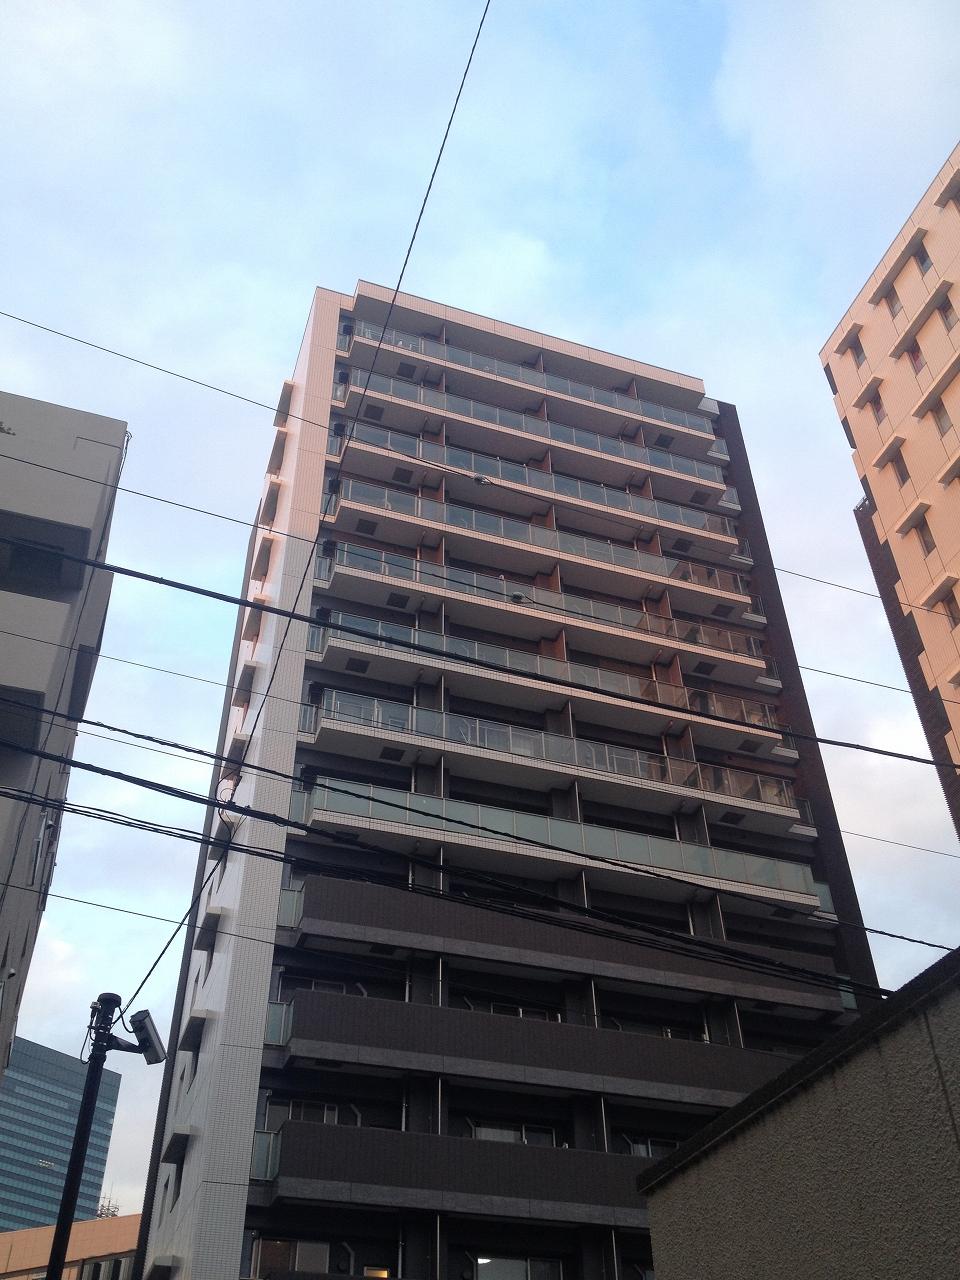 パークアクシス渋谷桜丘ウエストの外観・共用部画像です。